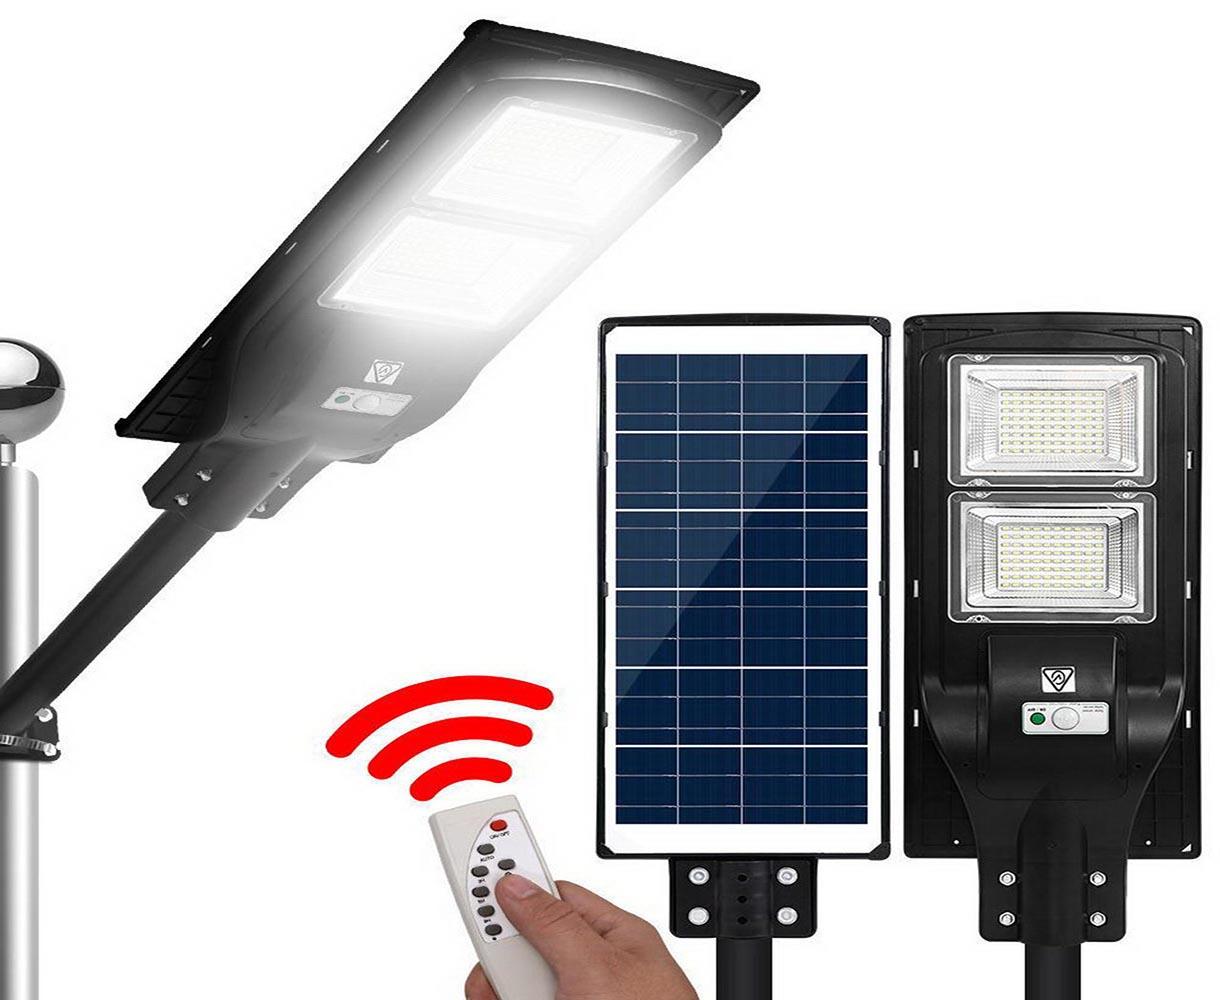 ưu điểm khi sử dụng đèn năng lượng mặt trời